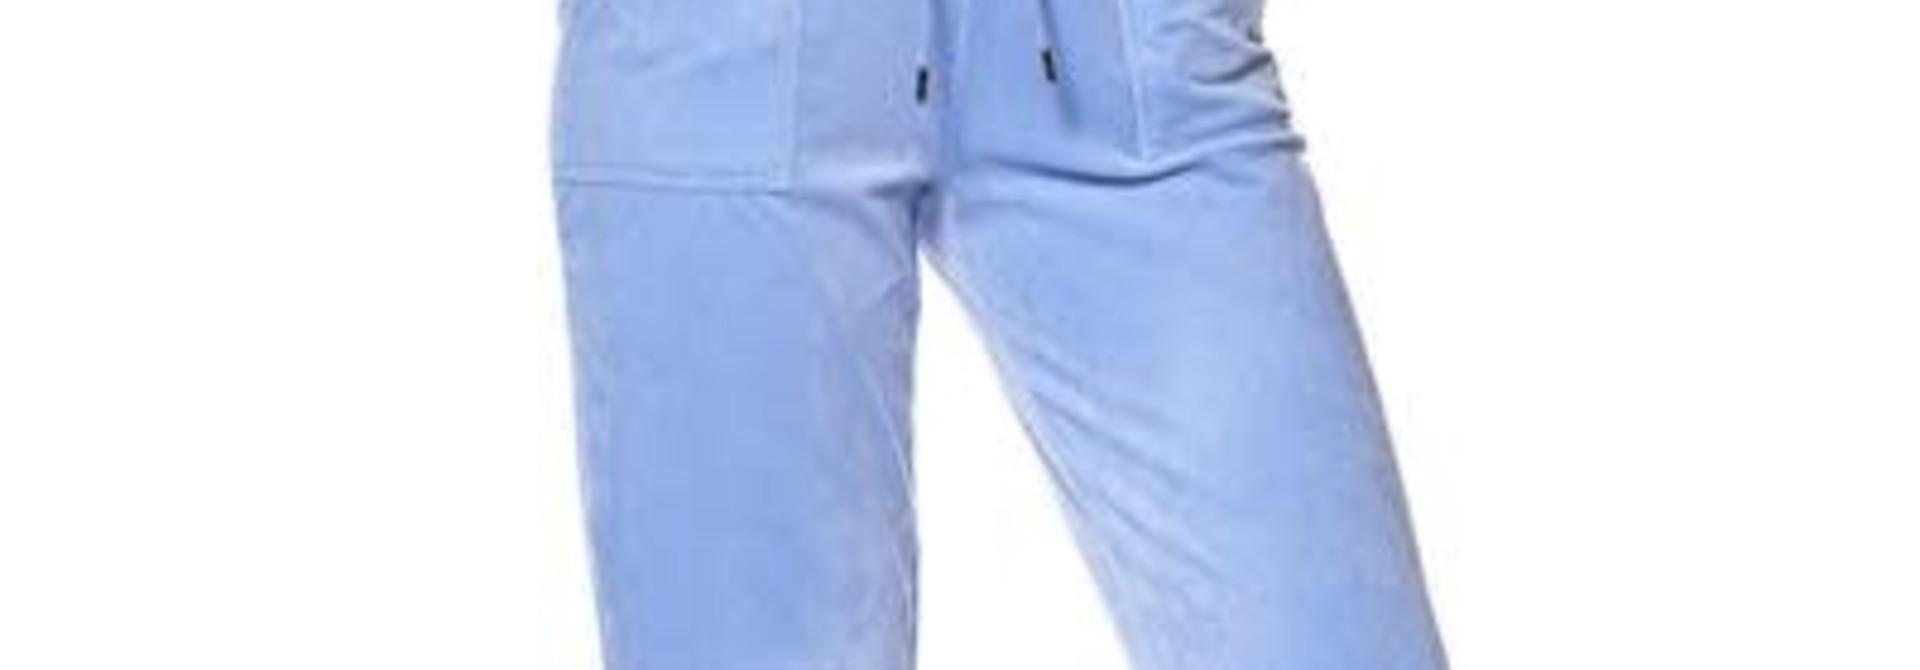 Tina track pants Juicy Couture